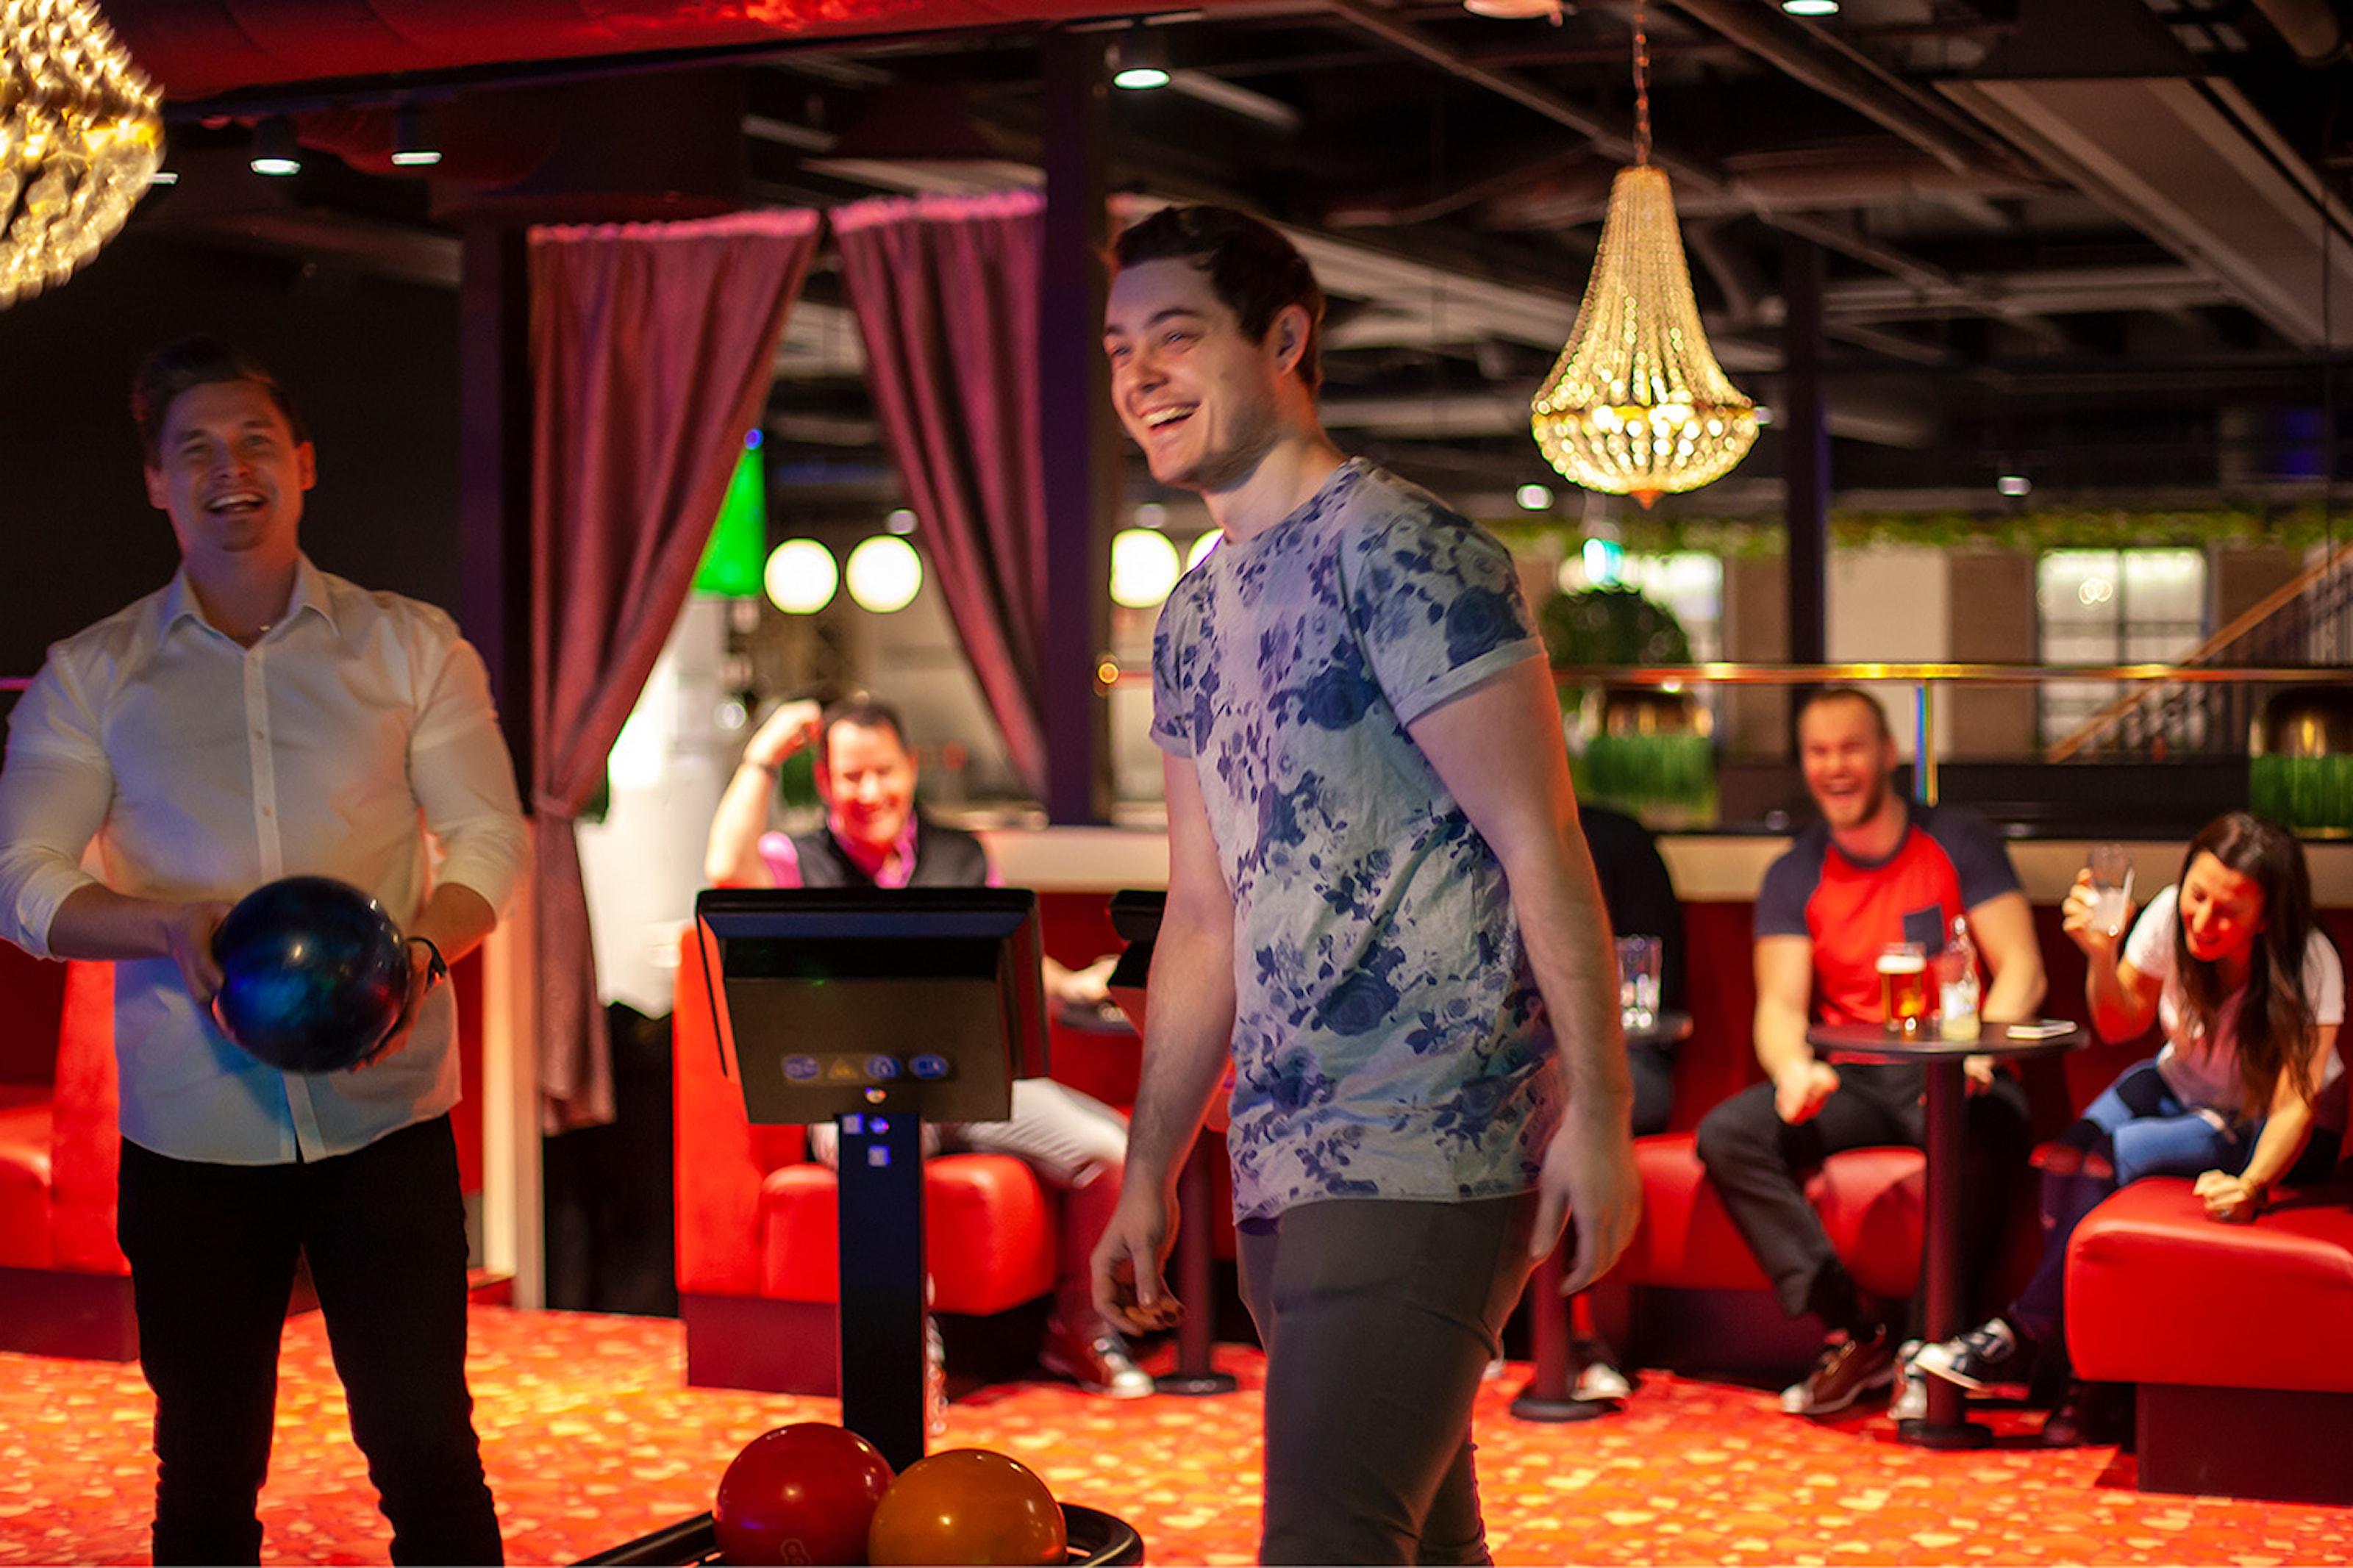 För 2: Bowling eller shuffleboard samt valfri hamburgare